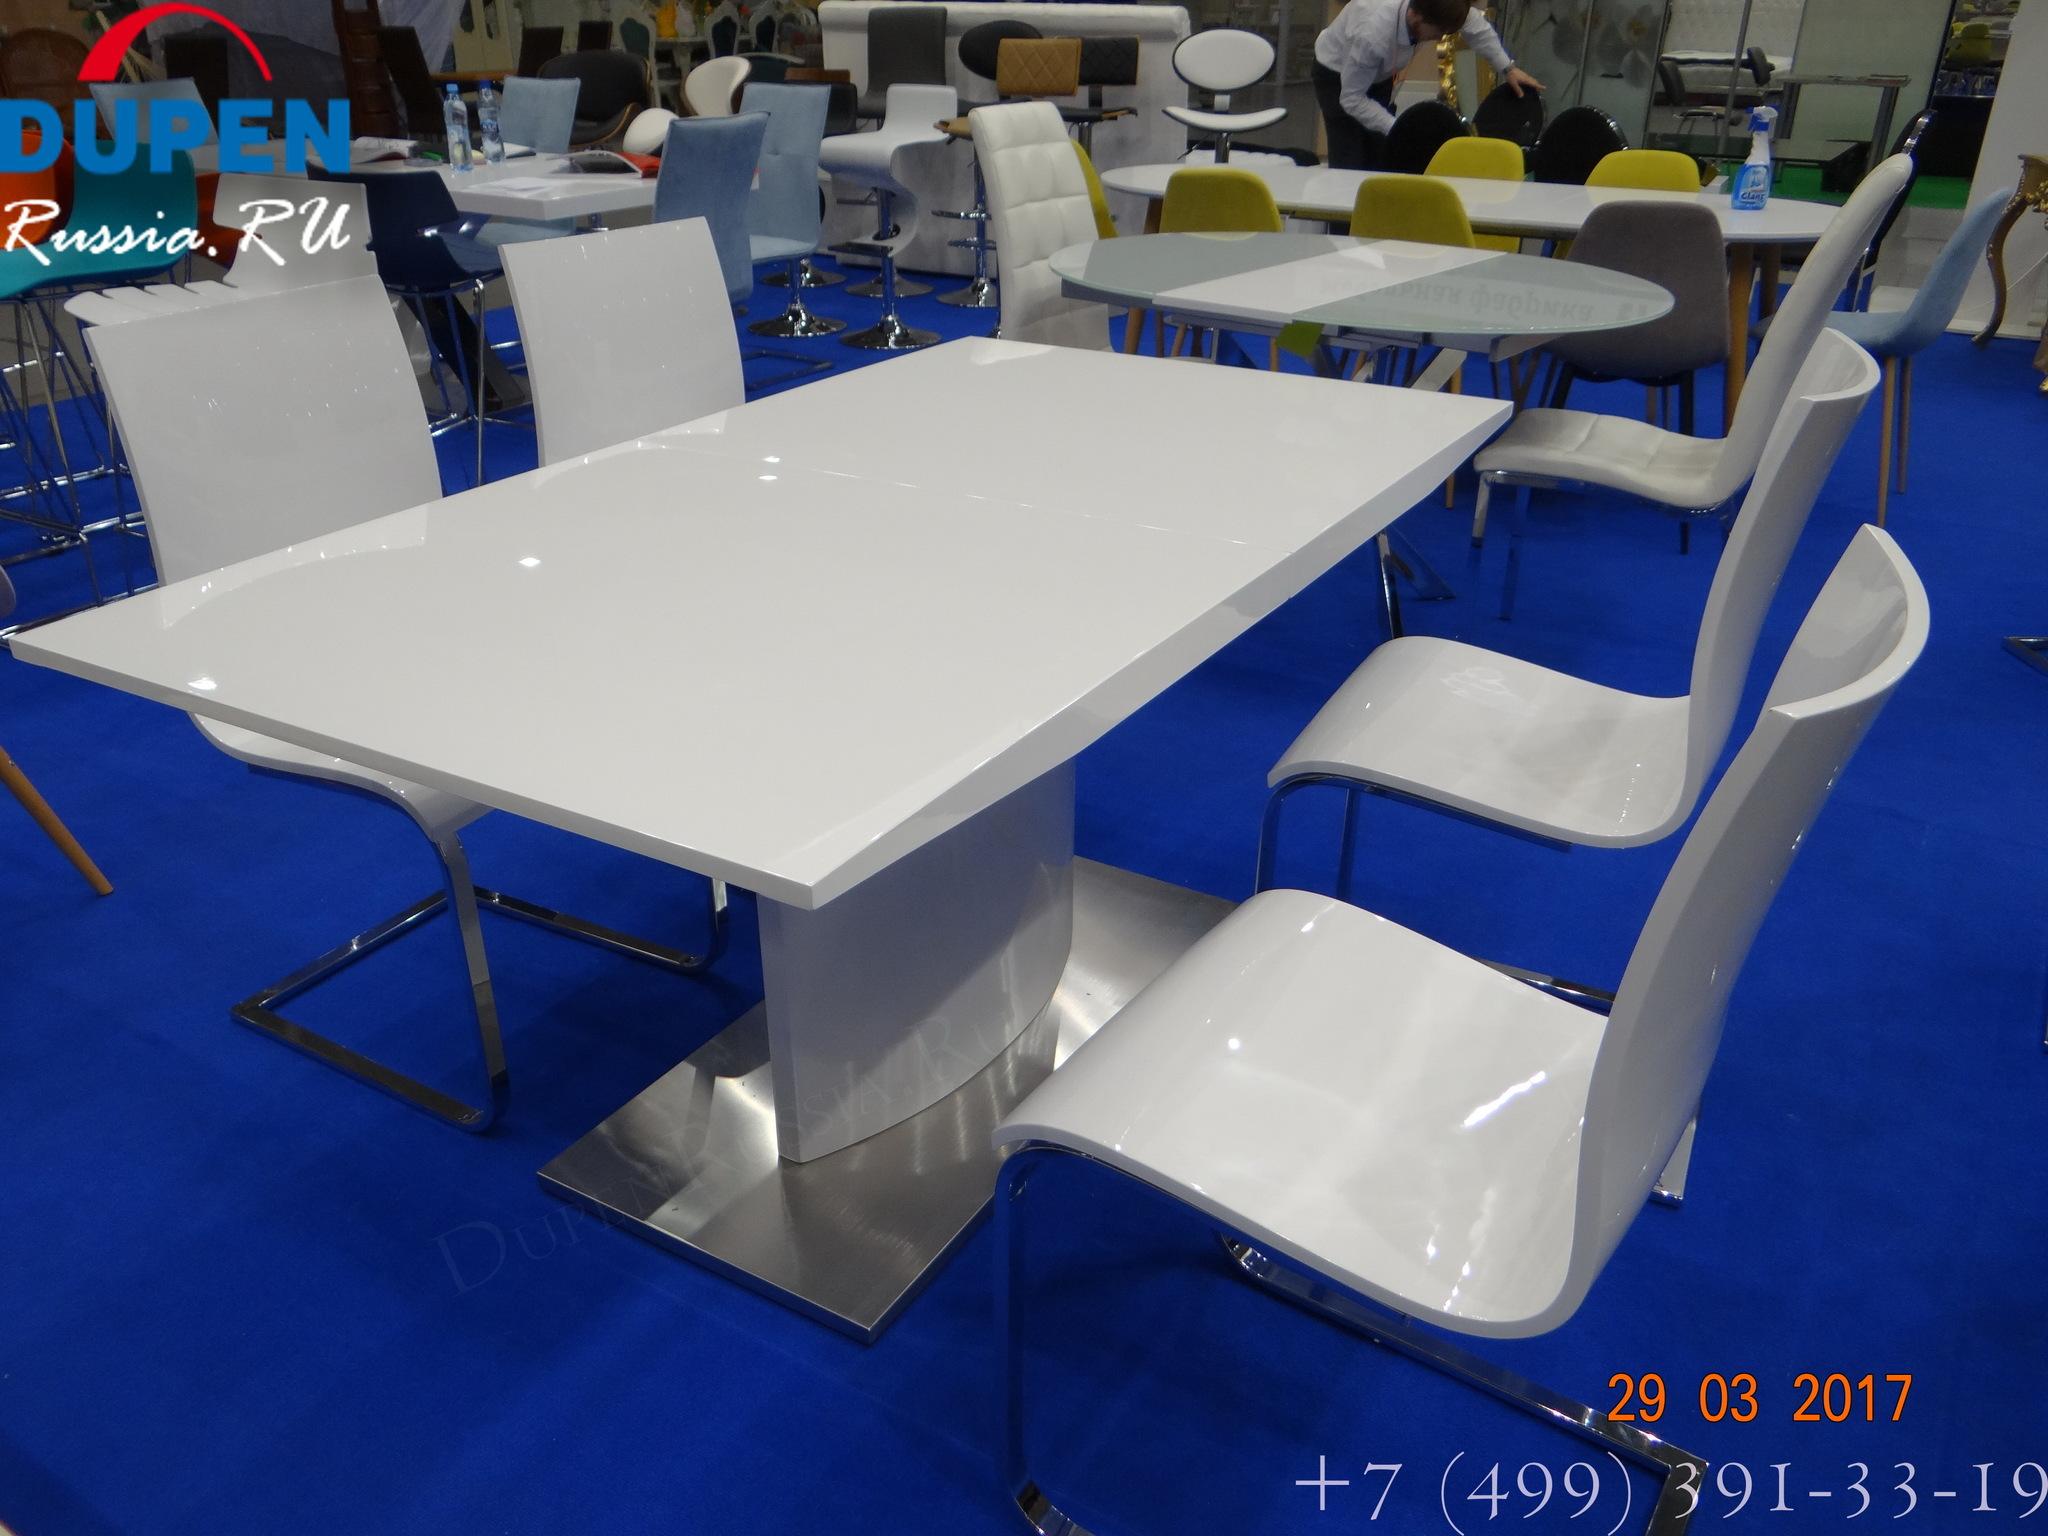 Обеденный стол DUPEN (Дюпен) DT-01 белый и стулья DUPEN CH-1003 белые